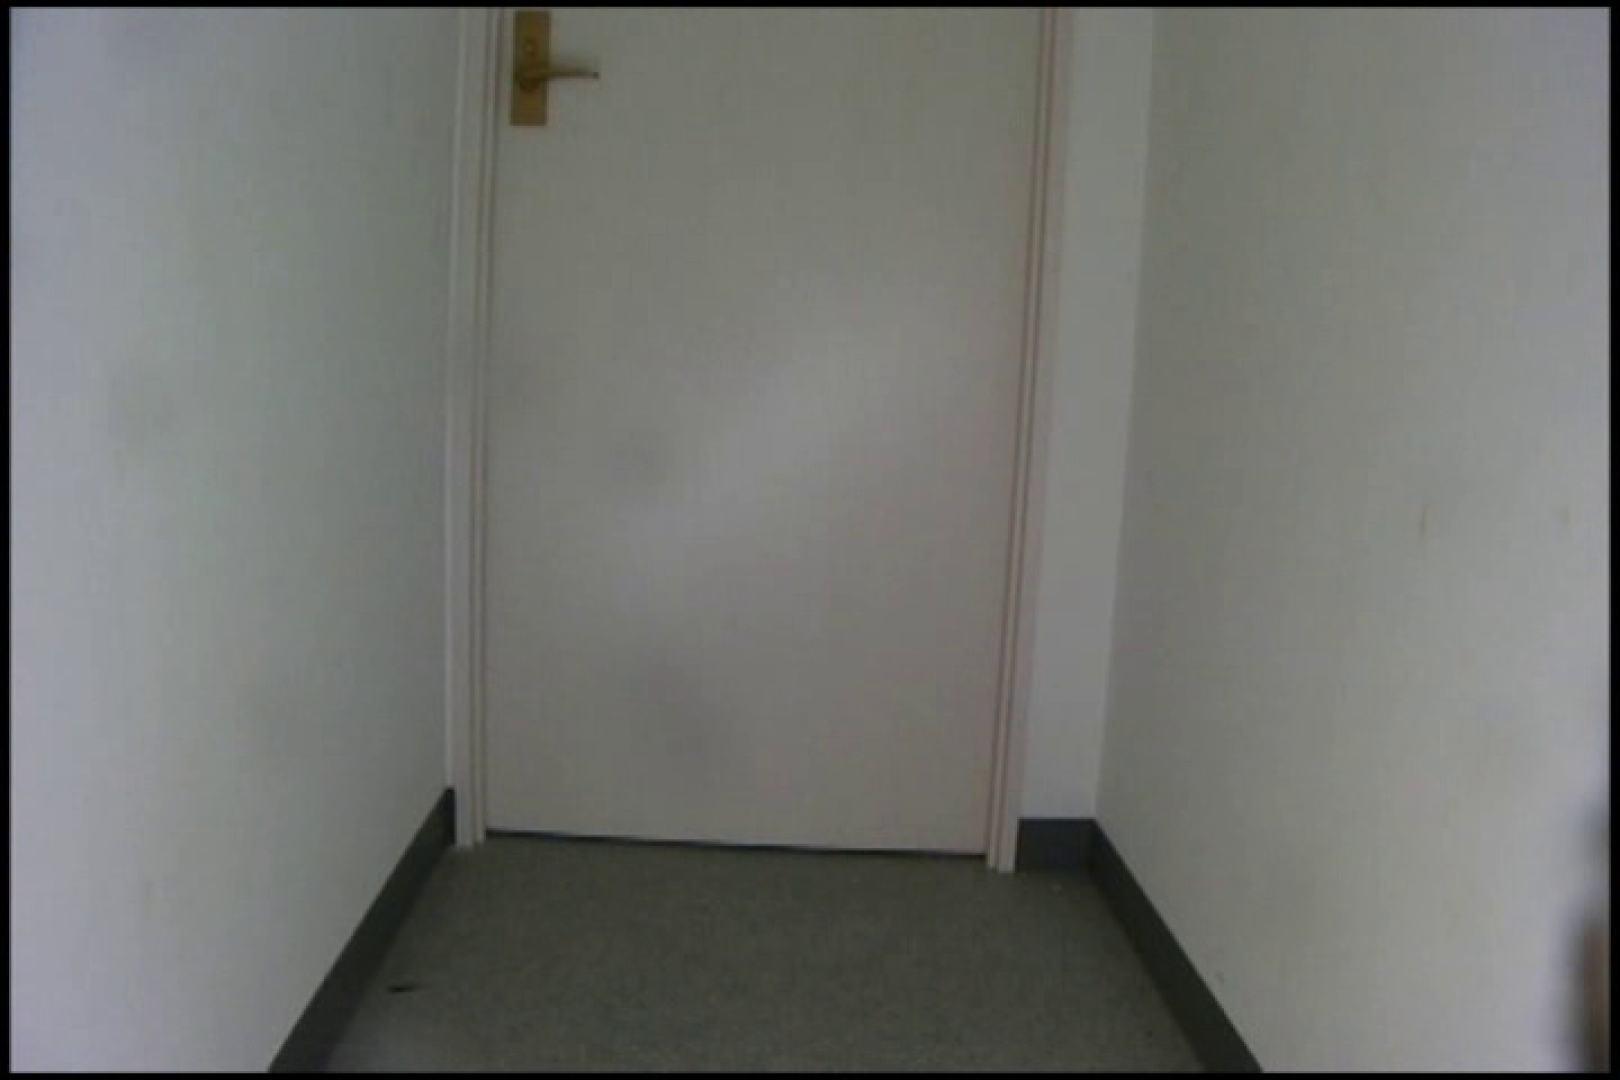 和式にまたがる女たちを待ちうけるカメラの衝撃映像vol.04 厠 オマンコ無修正動画無料 10pic 3